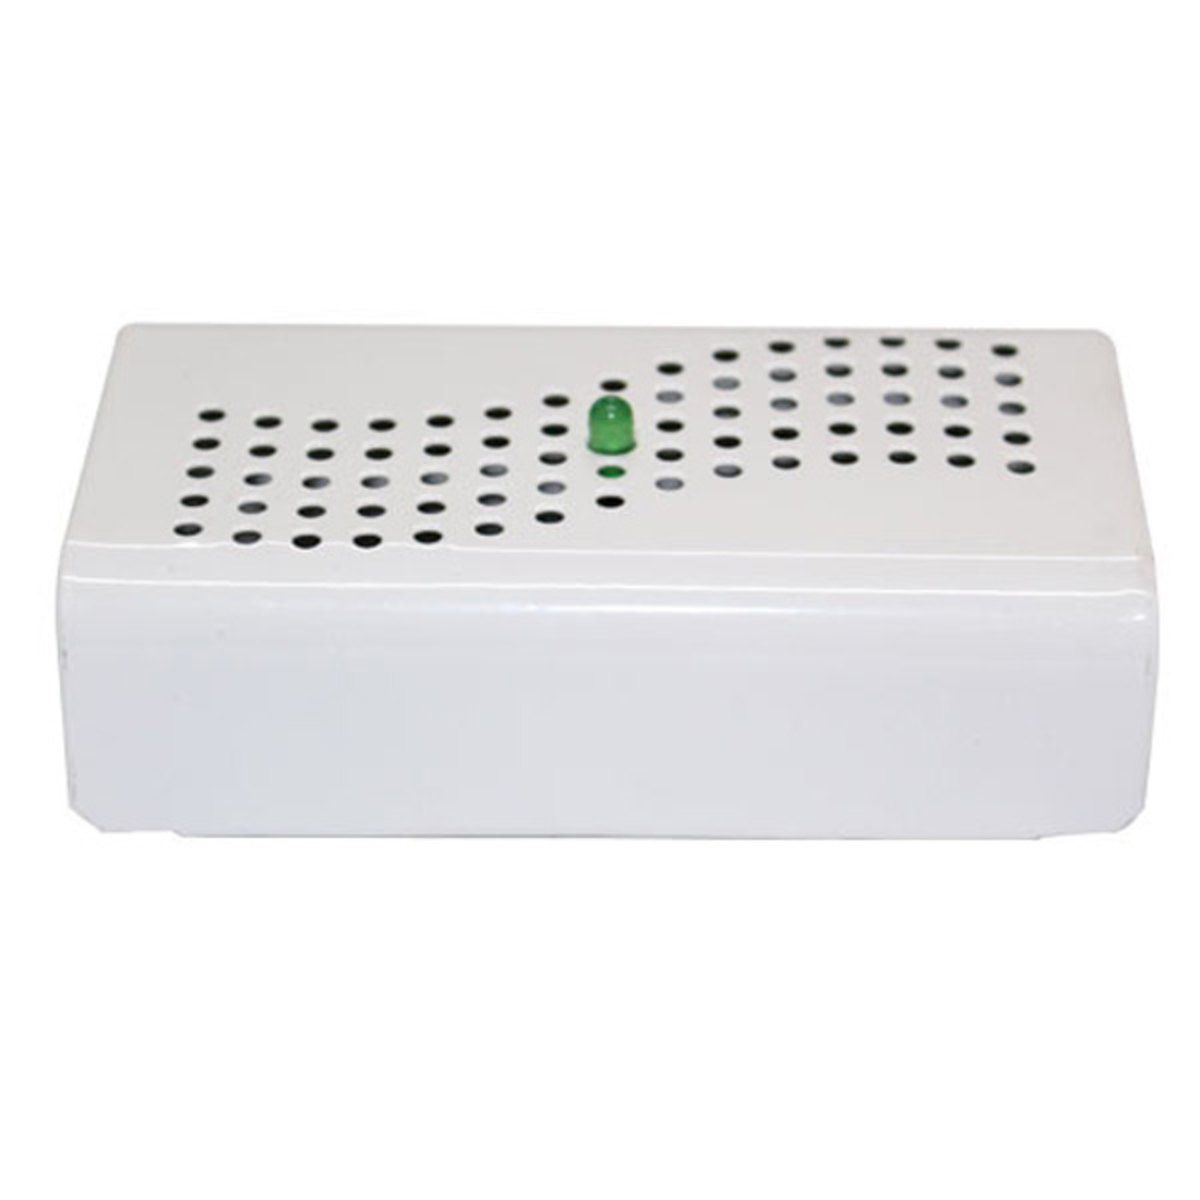 Anti Mofo Eletrônico 110V kit 3 unid. Branco Repel Mofo, Anti-Ácaro e Fungos, Desumidificador Capte